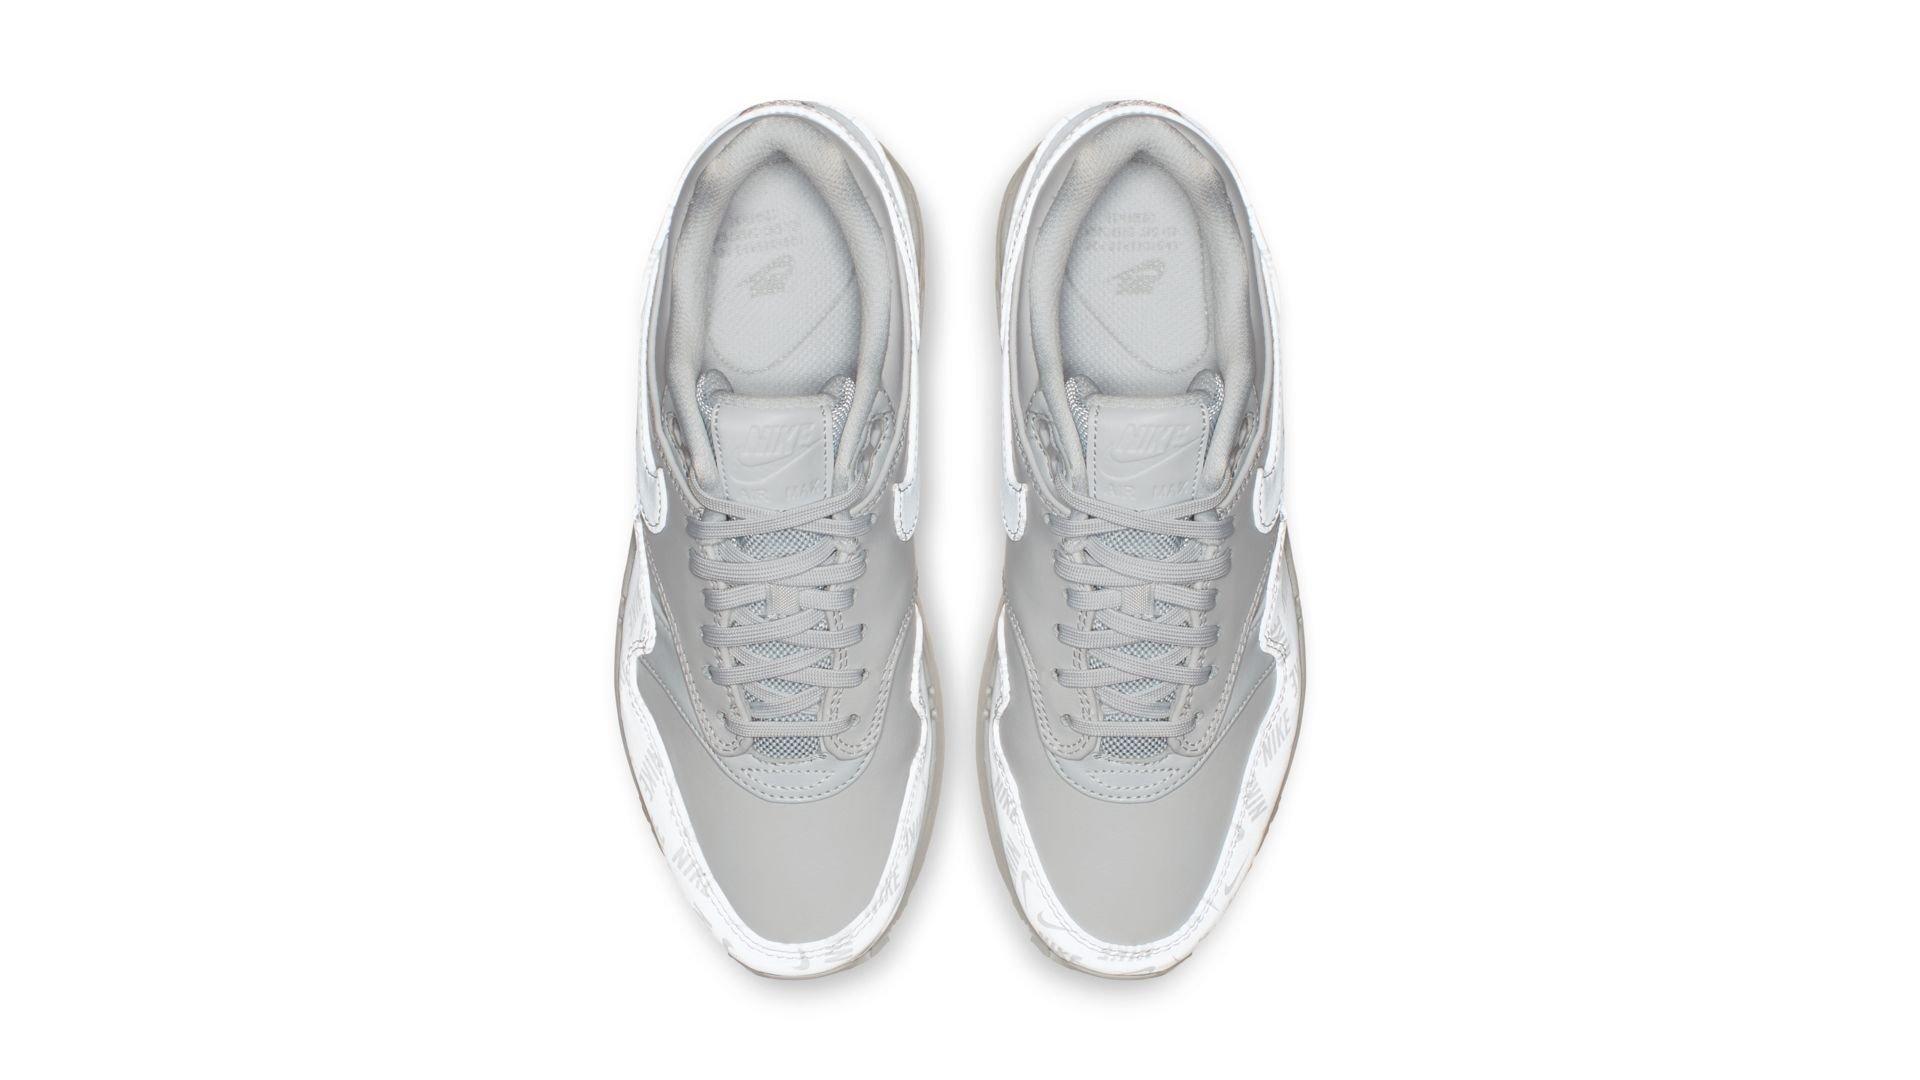 Nike WMNS Air Max 1 LX 'White' (917691-002)